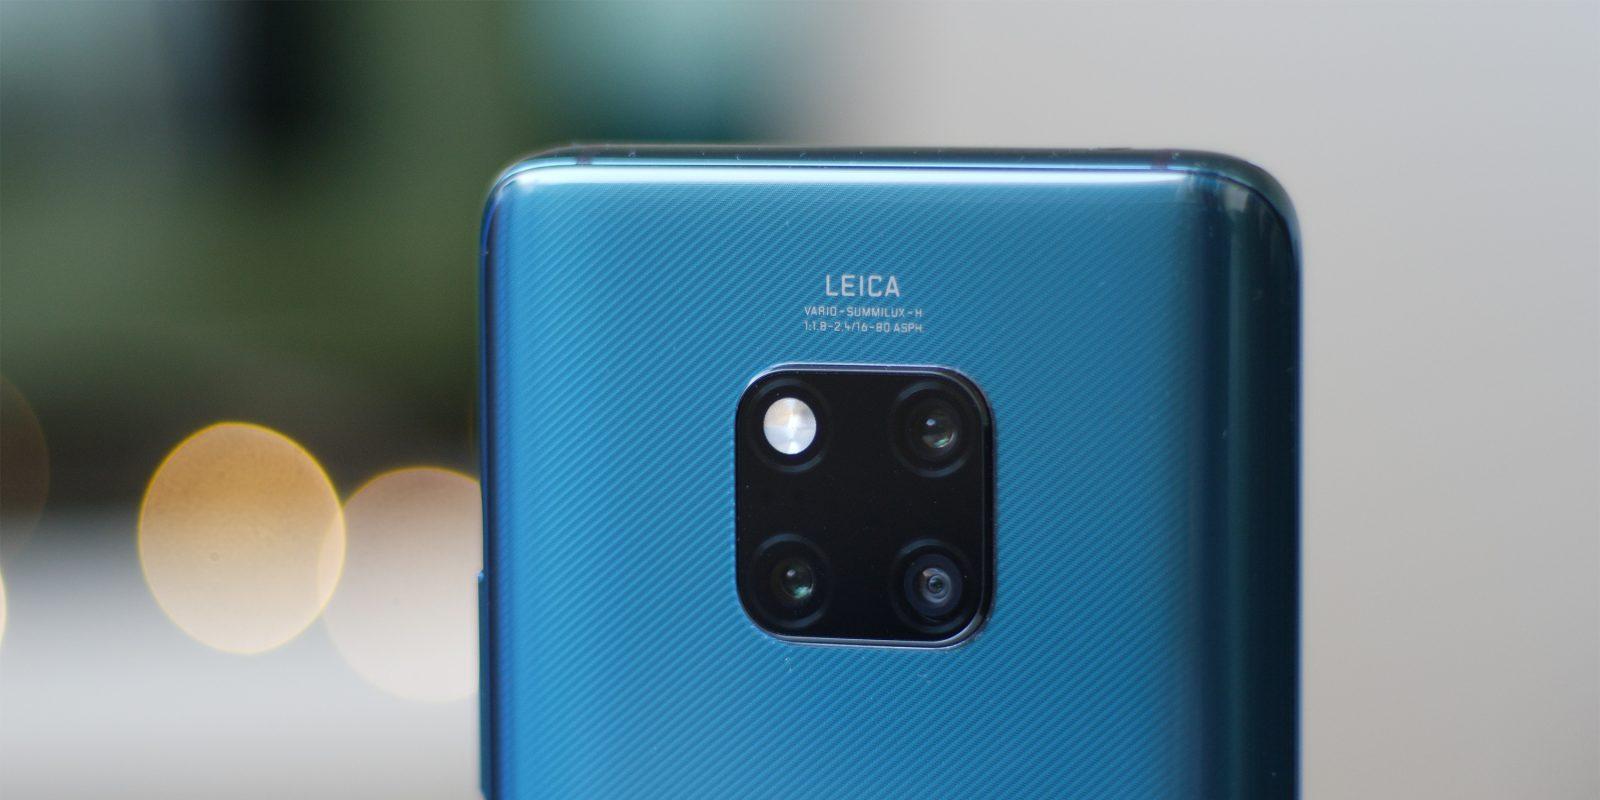 La disposición de las cámaras podría ser como la del Mate 20 Pro